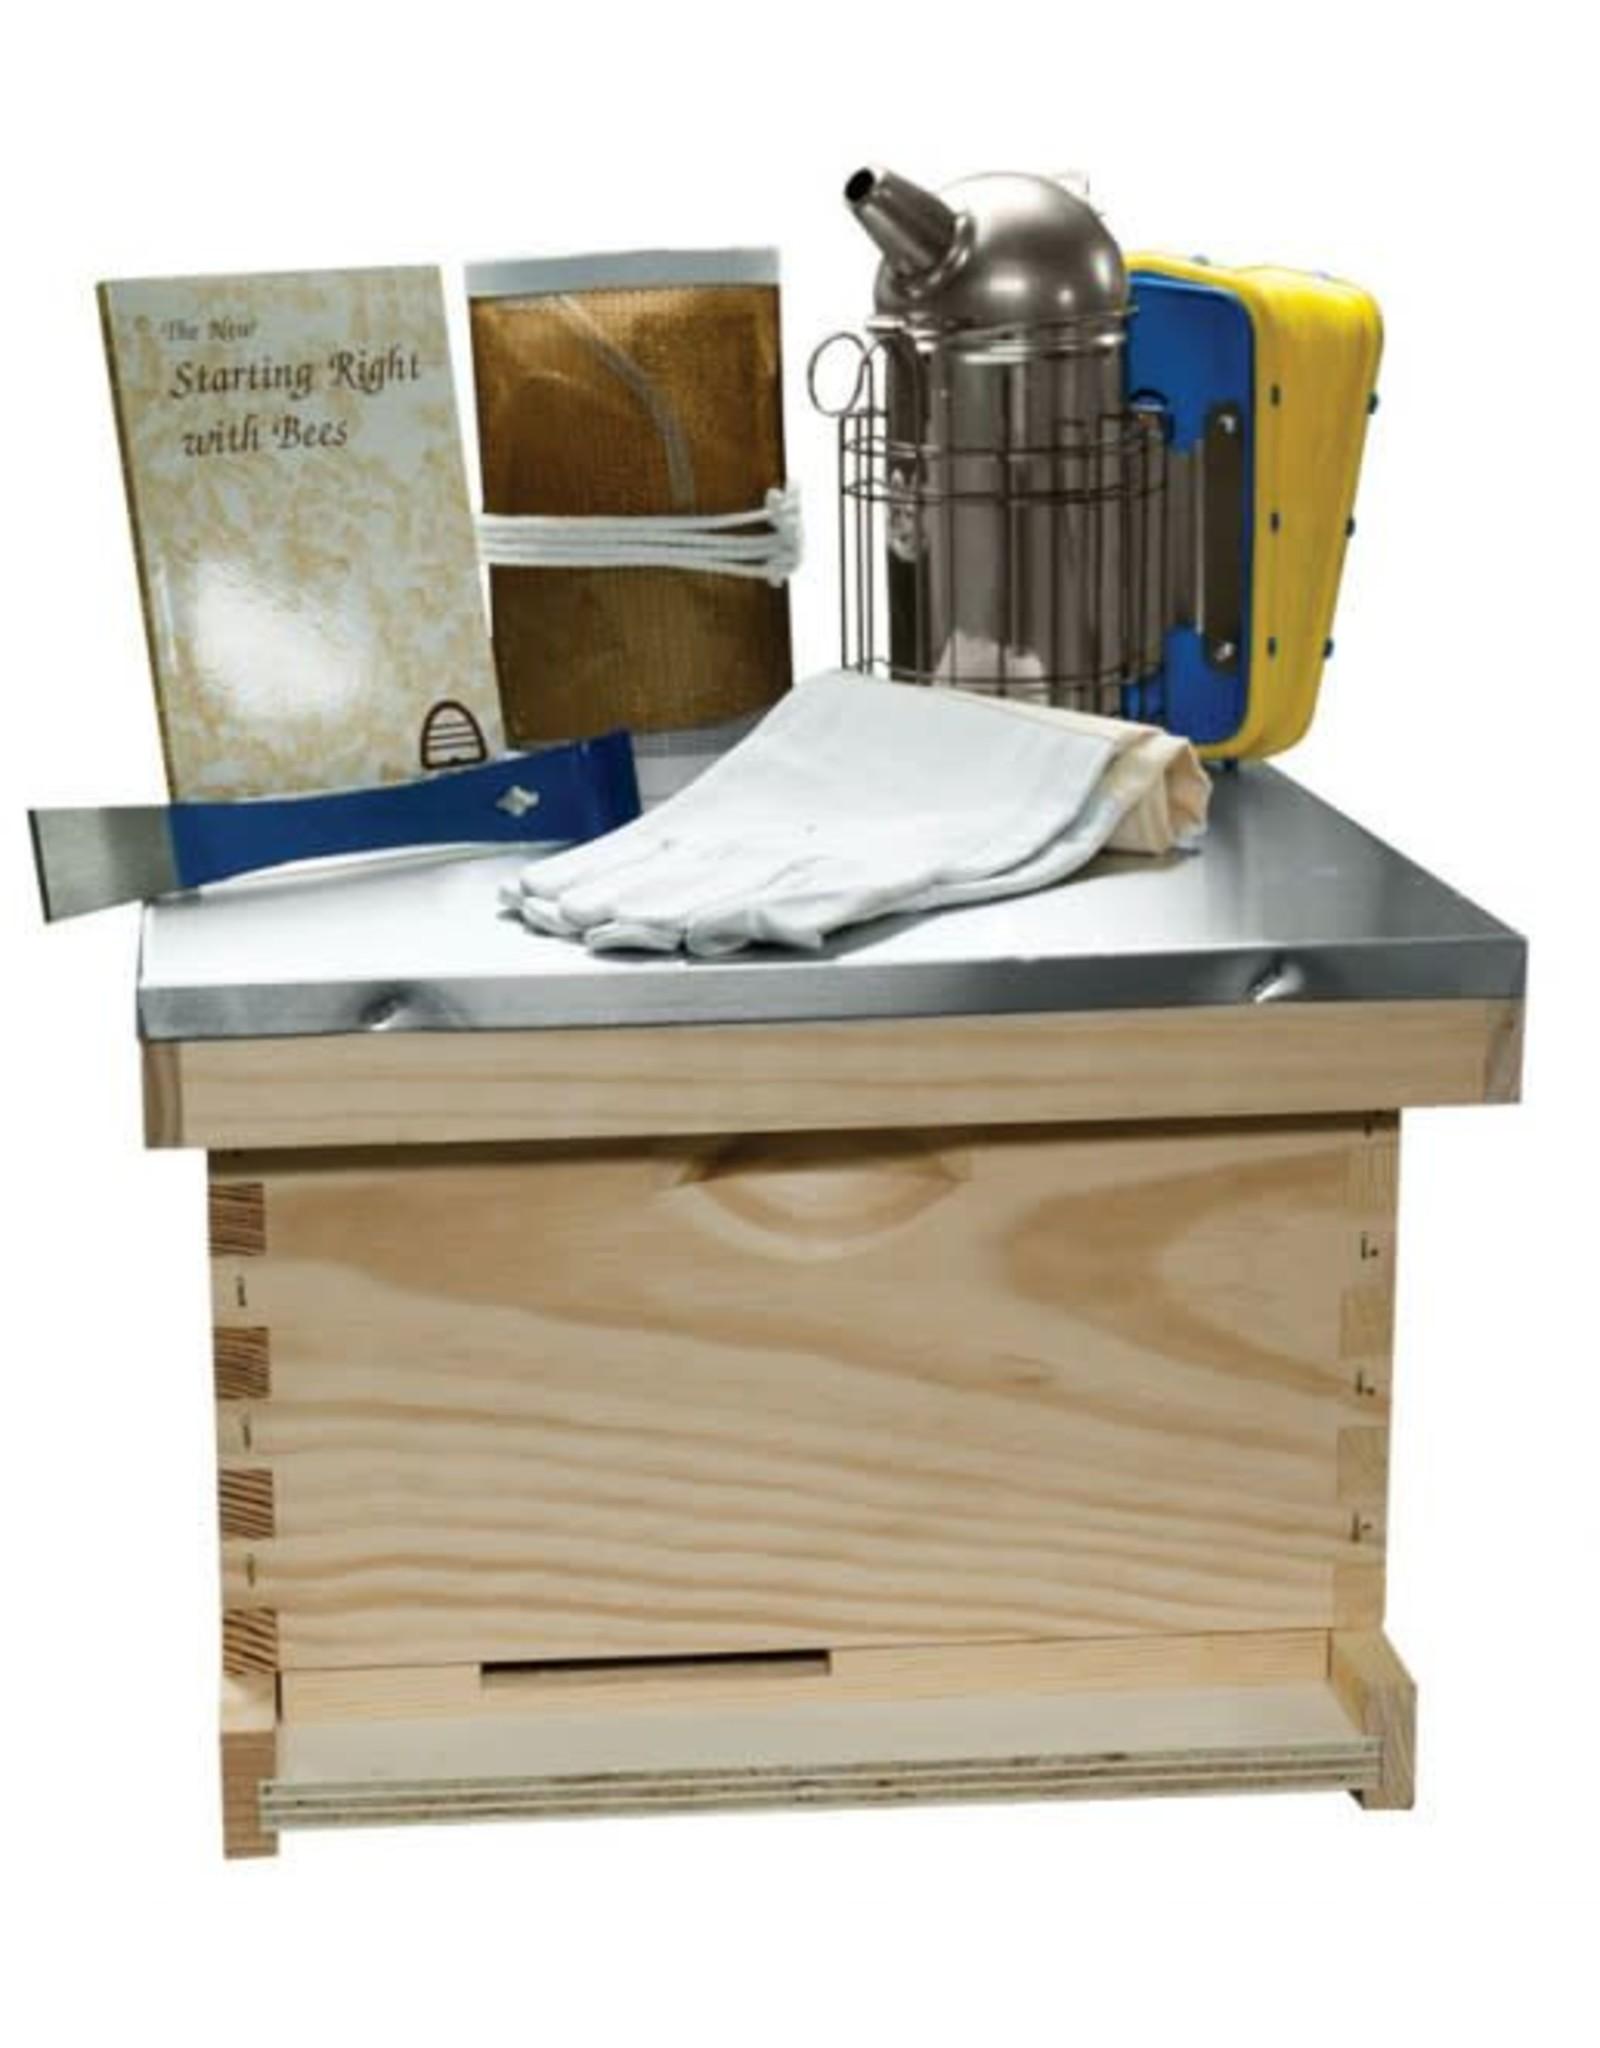 Beeginner 10 Frame 9 5/8'' (24.45 cm) Traditional Basic Starter Kit - Wood Frames